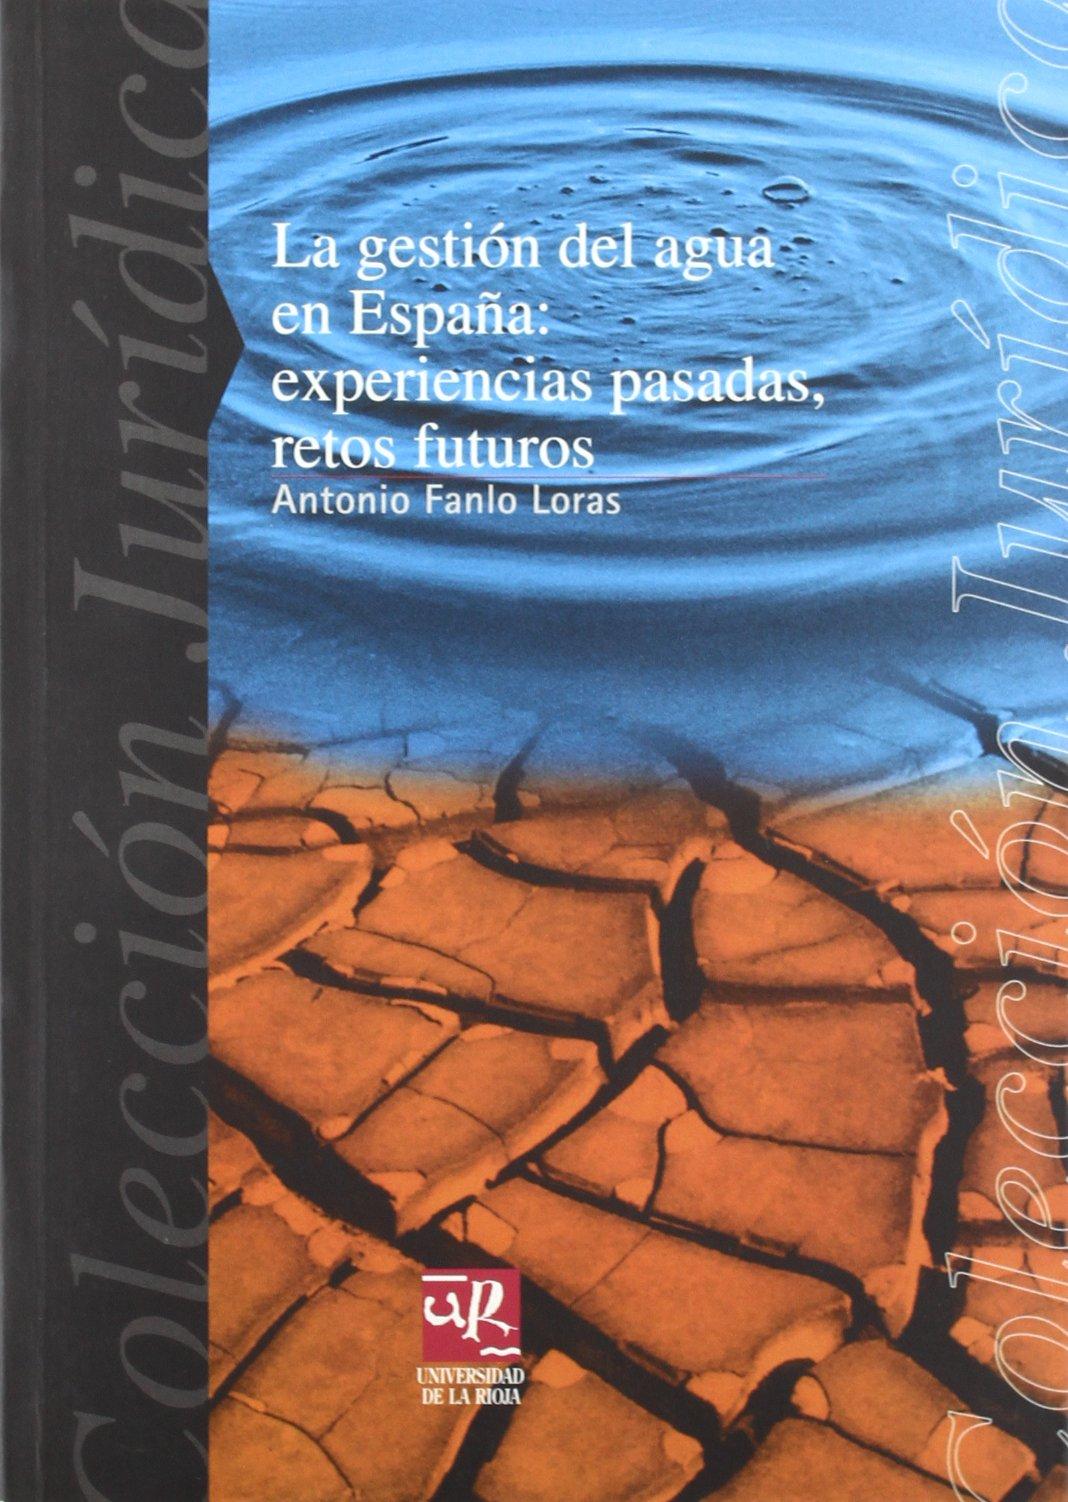 La gestión del agua en España: Experiencias pasadas, retos futuros. Lección inaugural de apertura del curso académico 2001-2002: 16 Colección Jurídica: Amazon.es: Fanlo Loras, Antonio: Libros